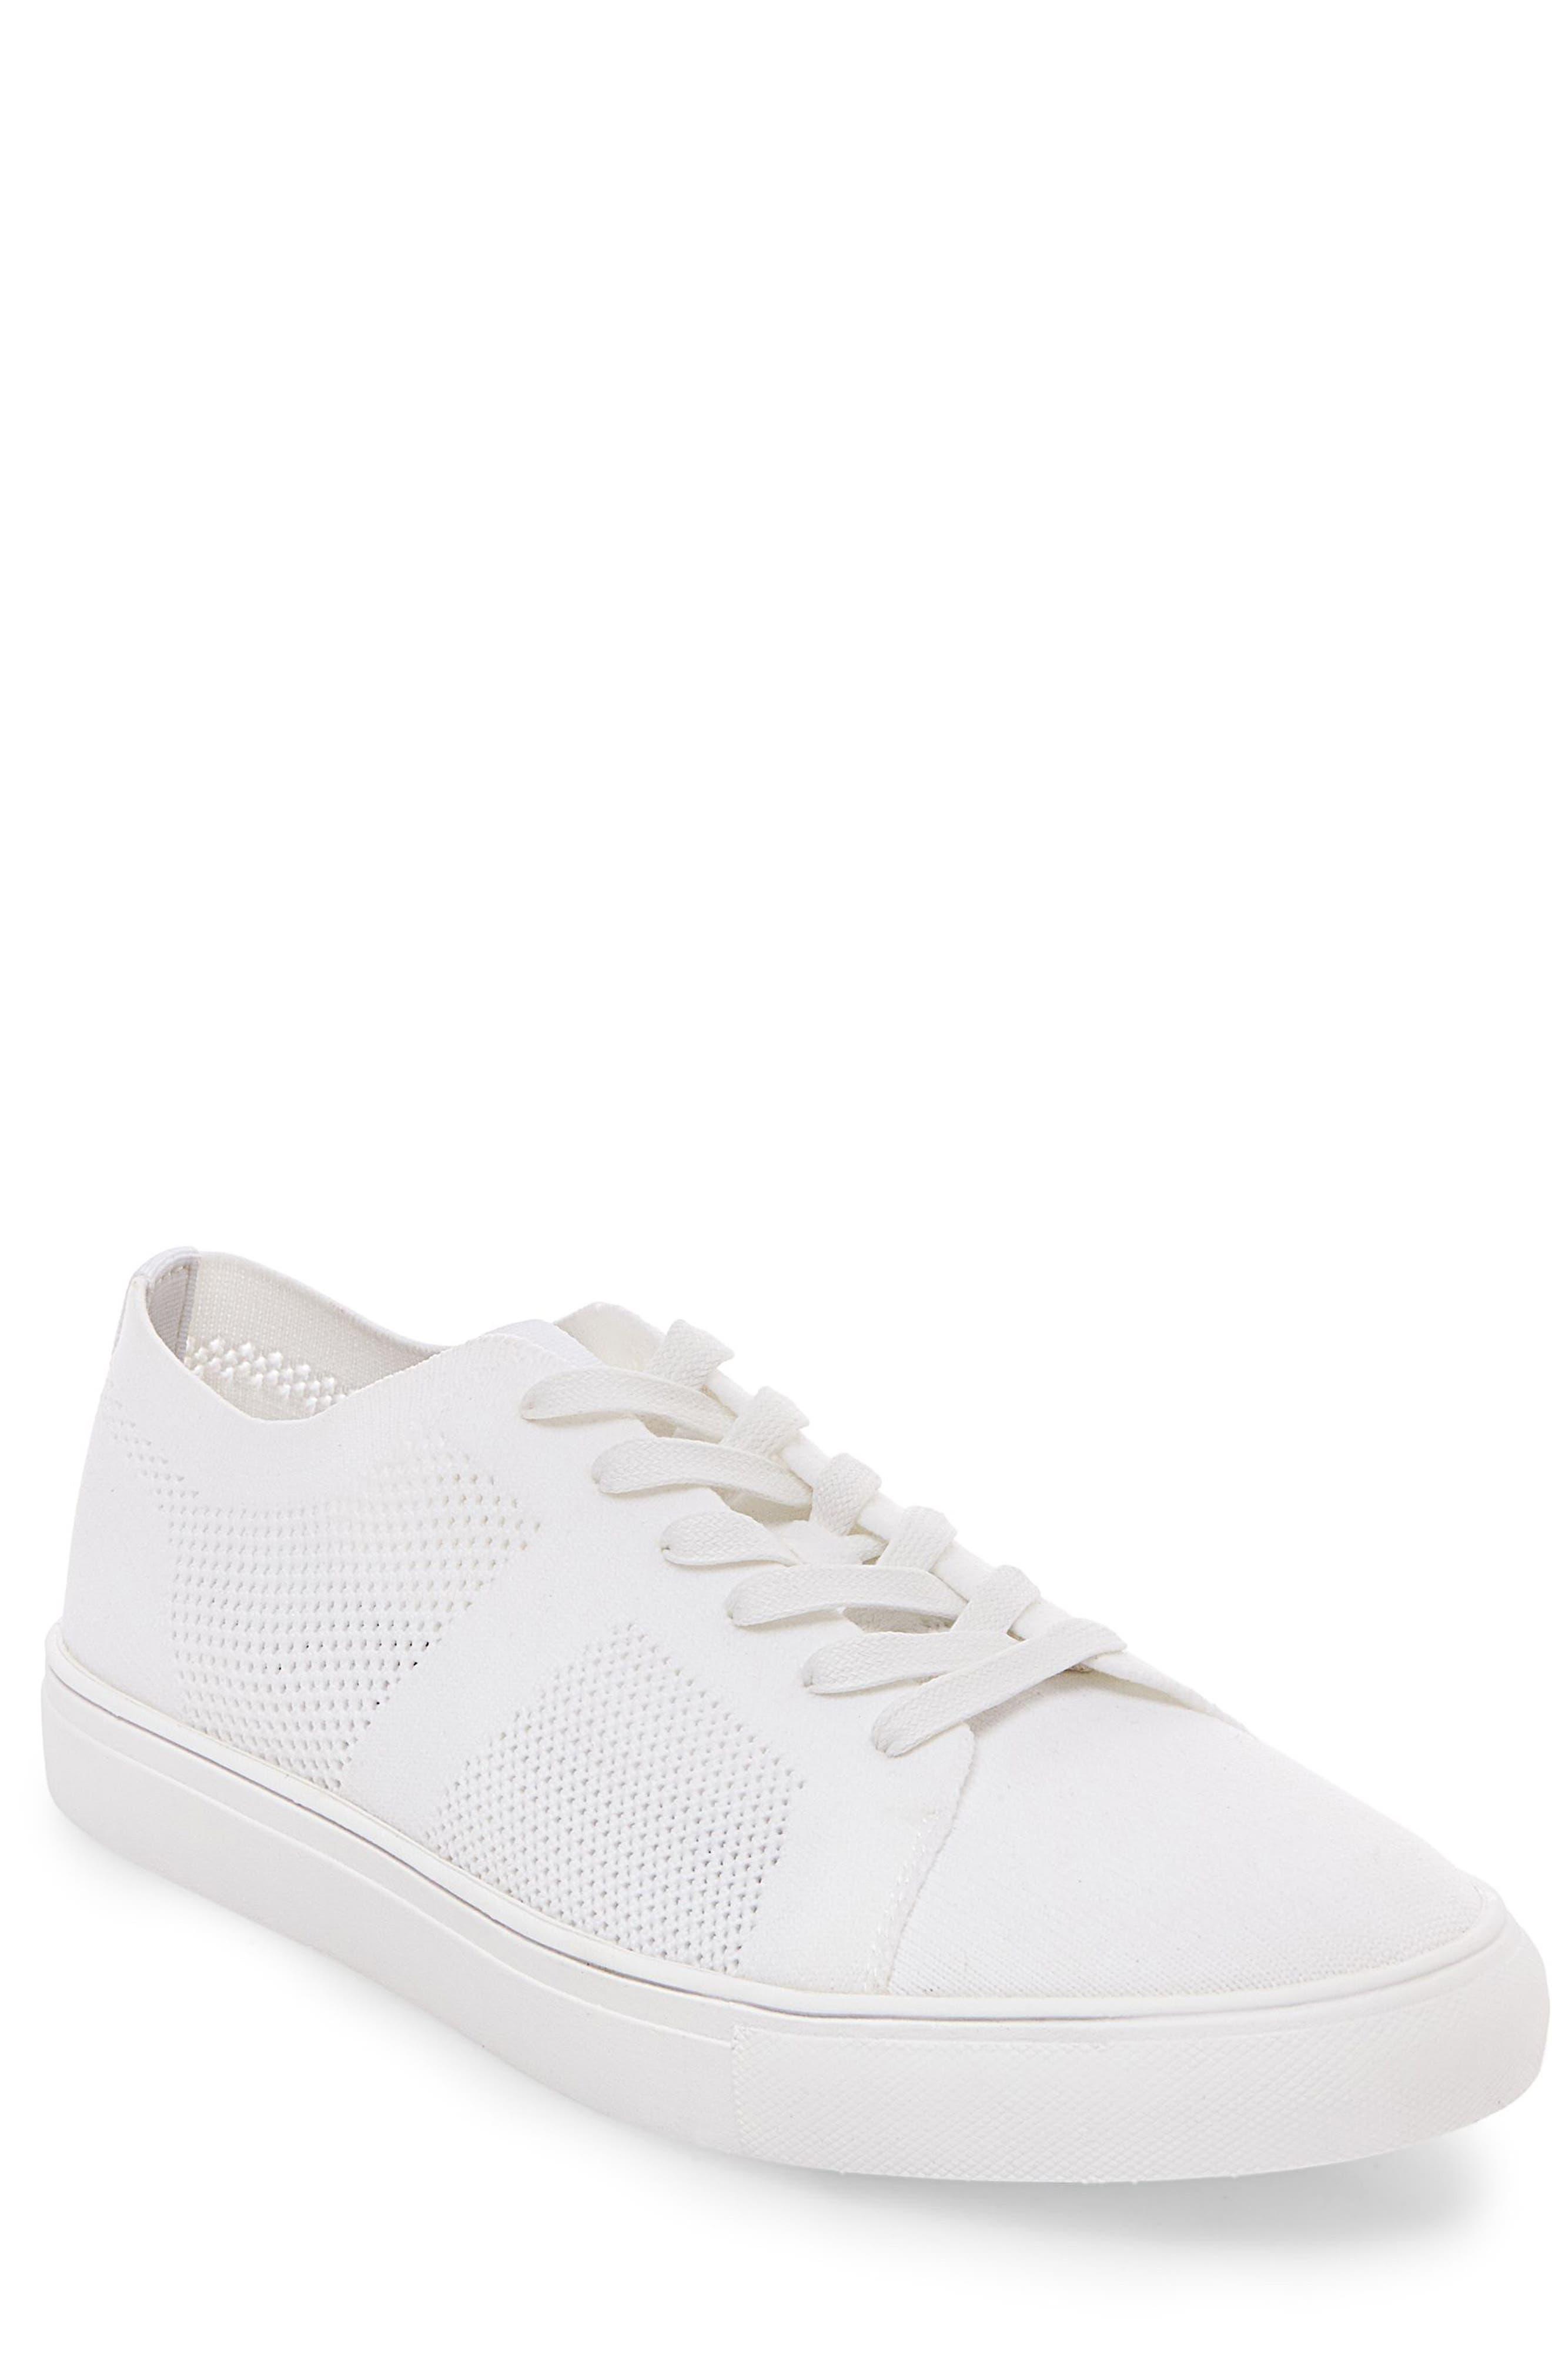 STEVE MADDEN Wexler Woven Sneaker